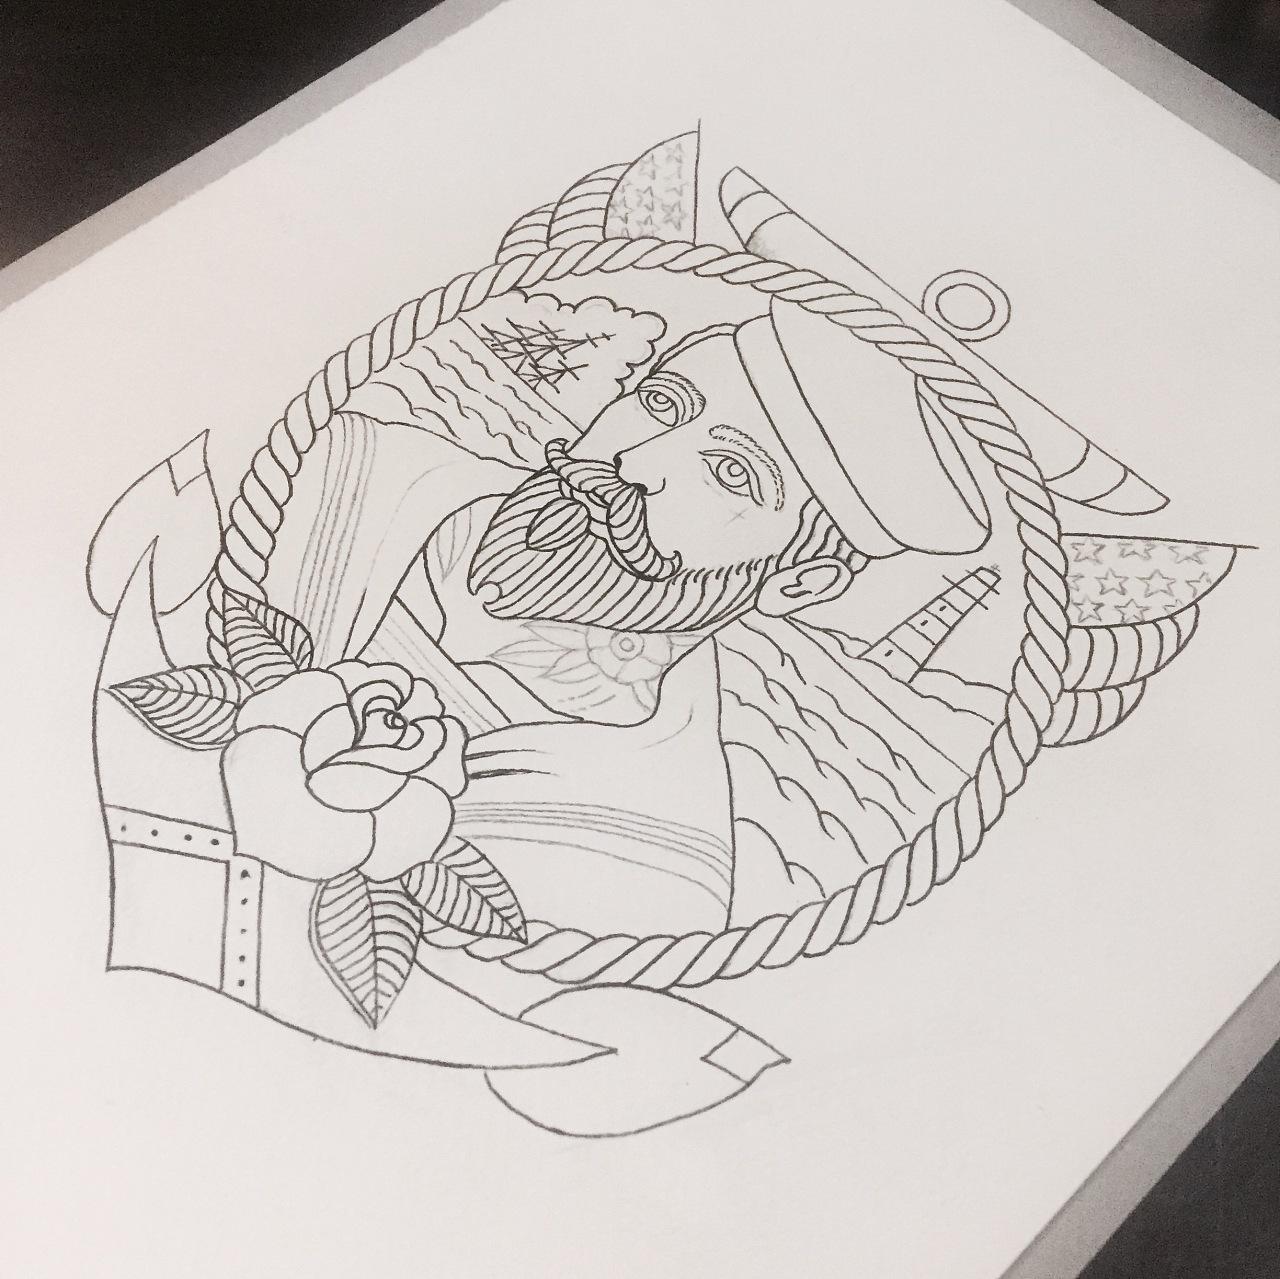 old school|插画|其他插画|叁石刺青 - 原创作品图片